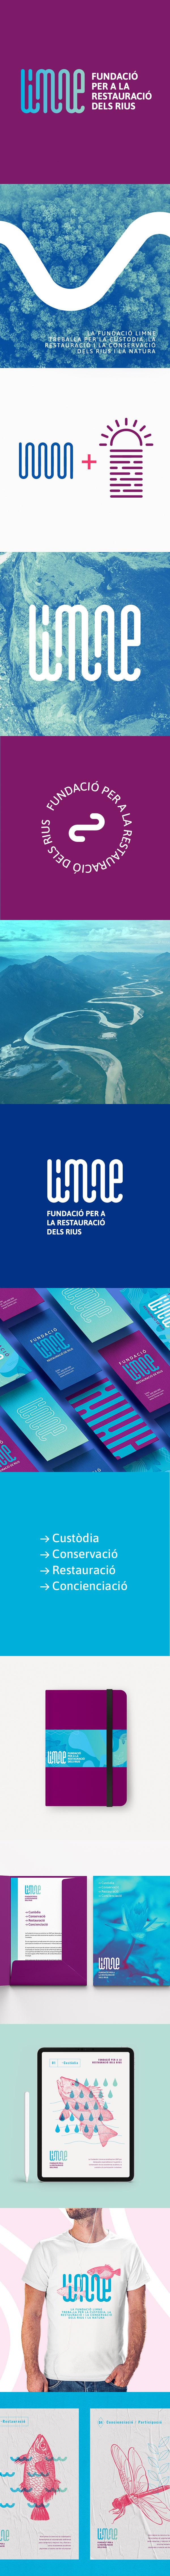 Logo e Identidad Corporativa de la Fundación Limne. Restauración de Rios. Diseño gráfico e ilustraciónes para la marca de la Fundación Limne.